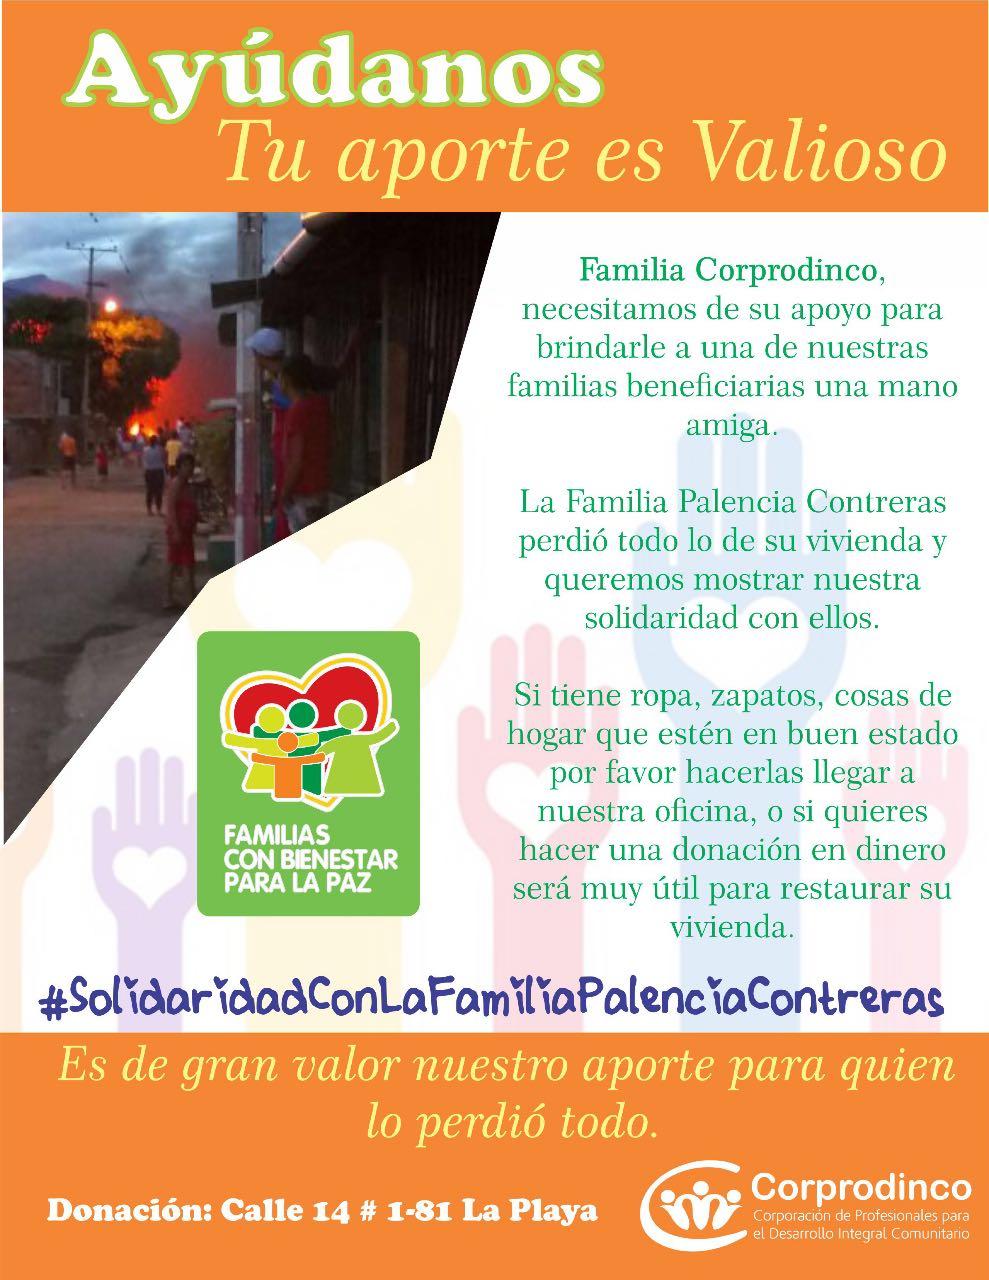 Corprodinco hace donación a Familia que lo perdió todo en Villa del Rosario